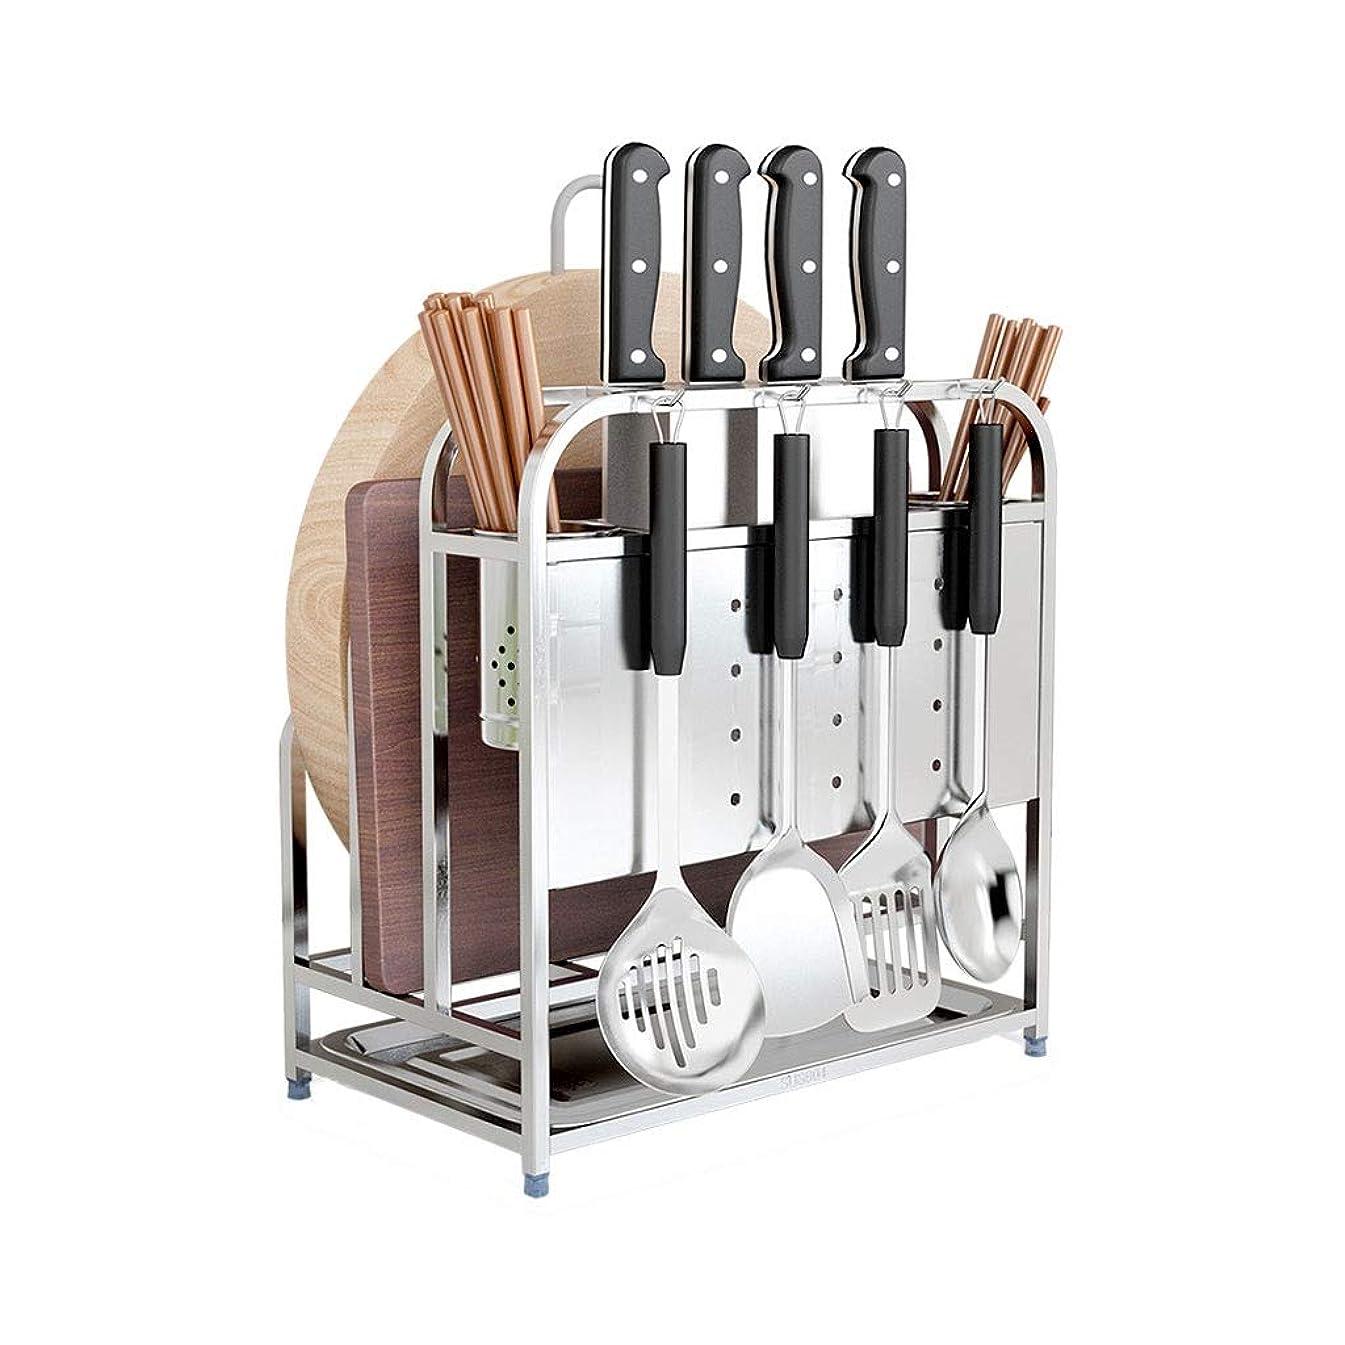 刺します薬局体操台所棚 - スパイスラックまたは浴室用ラックとして使用される調理器具を仕上げるためのアンティークステンレス鋼の台所用品 - 33cmX22cmX39cm